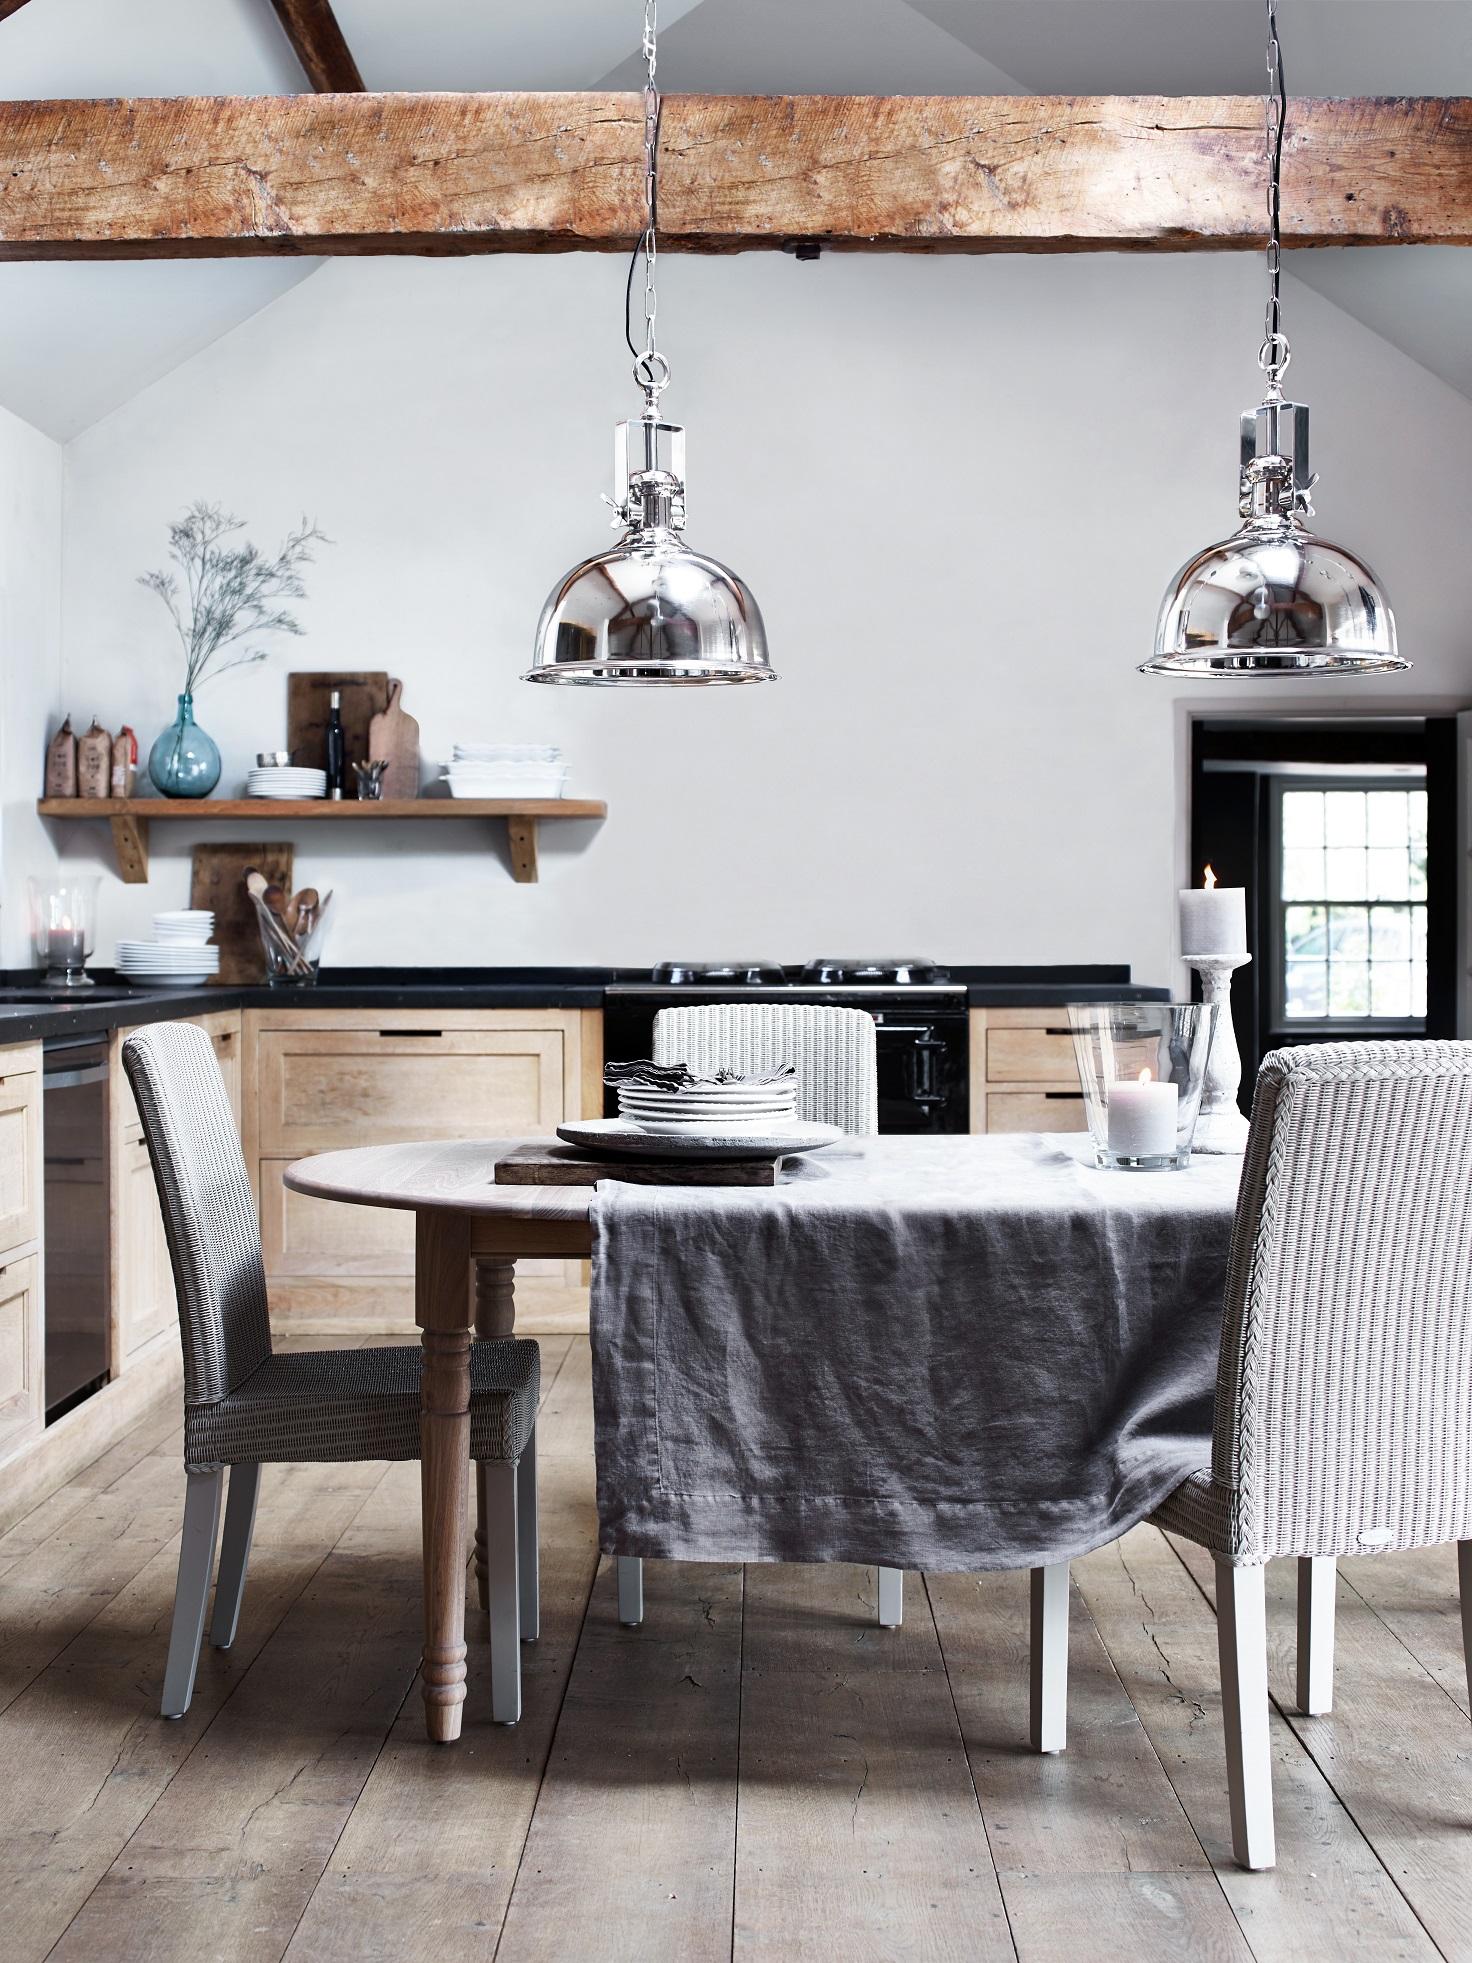 Verlichting Keuken Hanglamp : Lampen boven de keukentafel – Henley van Neptune #keuken